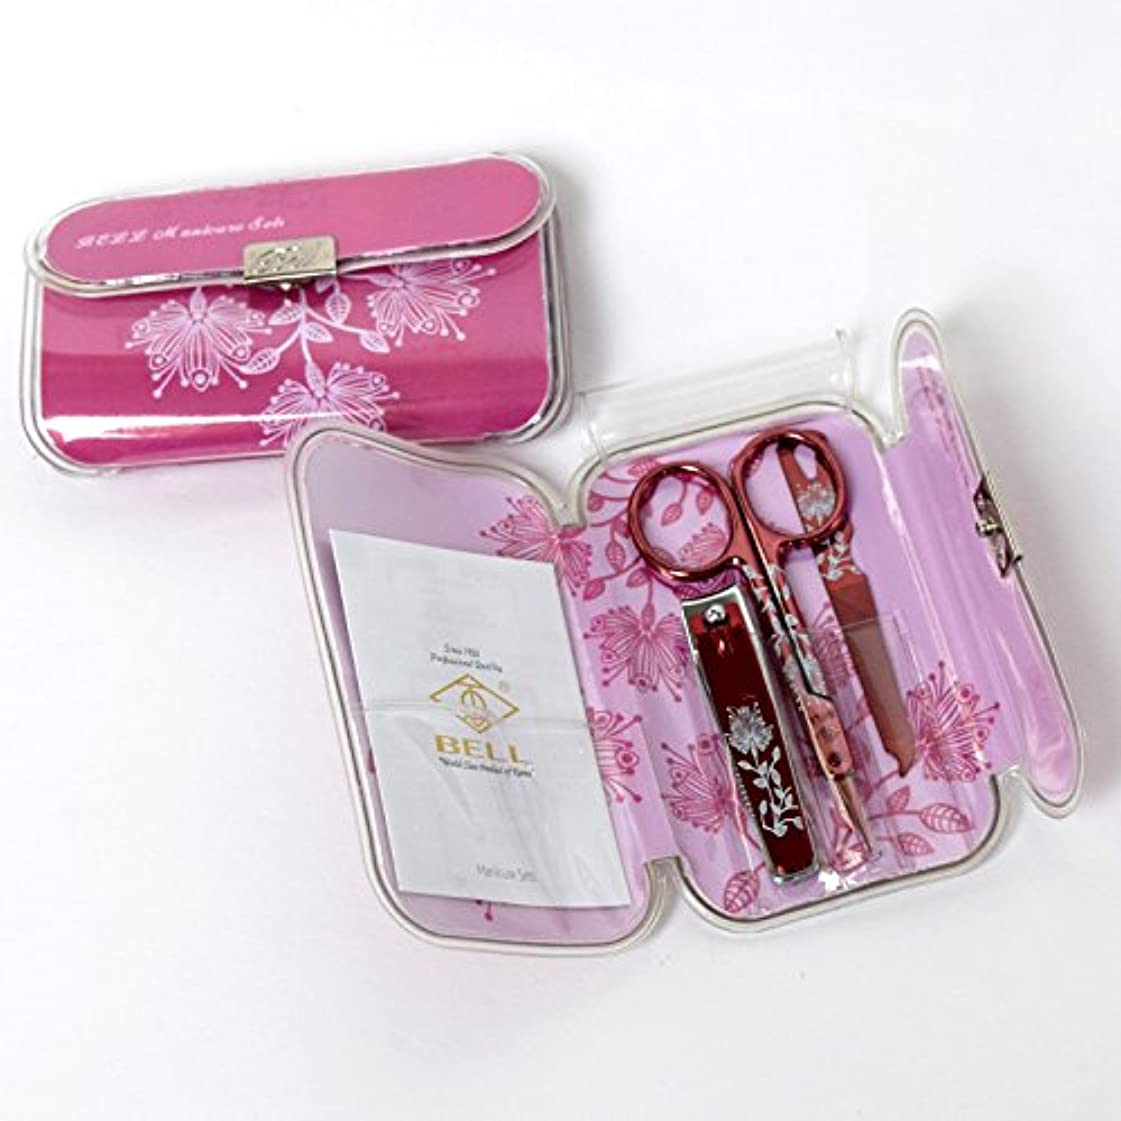 ガイドライン熟達した慈悲深いBELL Manicure Sets BM-330D ポータブル爪の管理セット 爪切りセット 高品質のネイルケアセット高級感のある東洋画のデザイン Portable Nail Clippers Nail Care Set